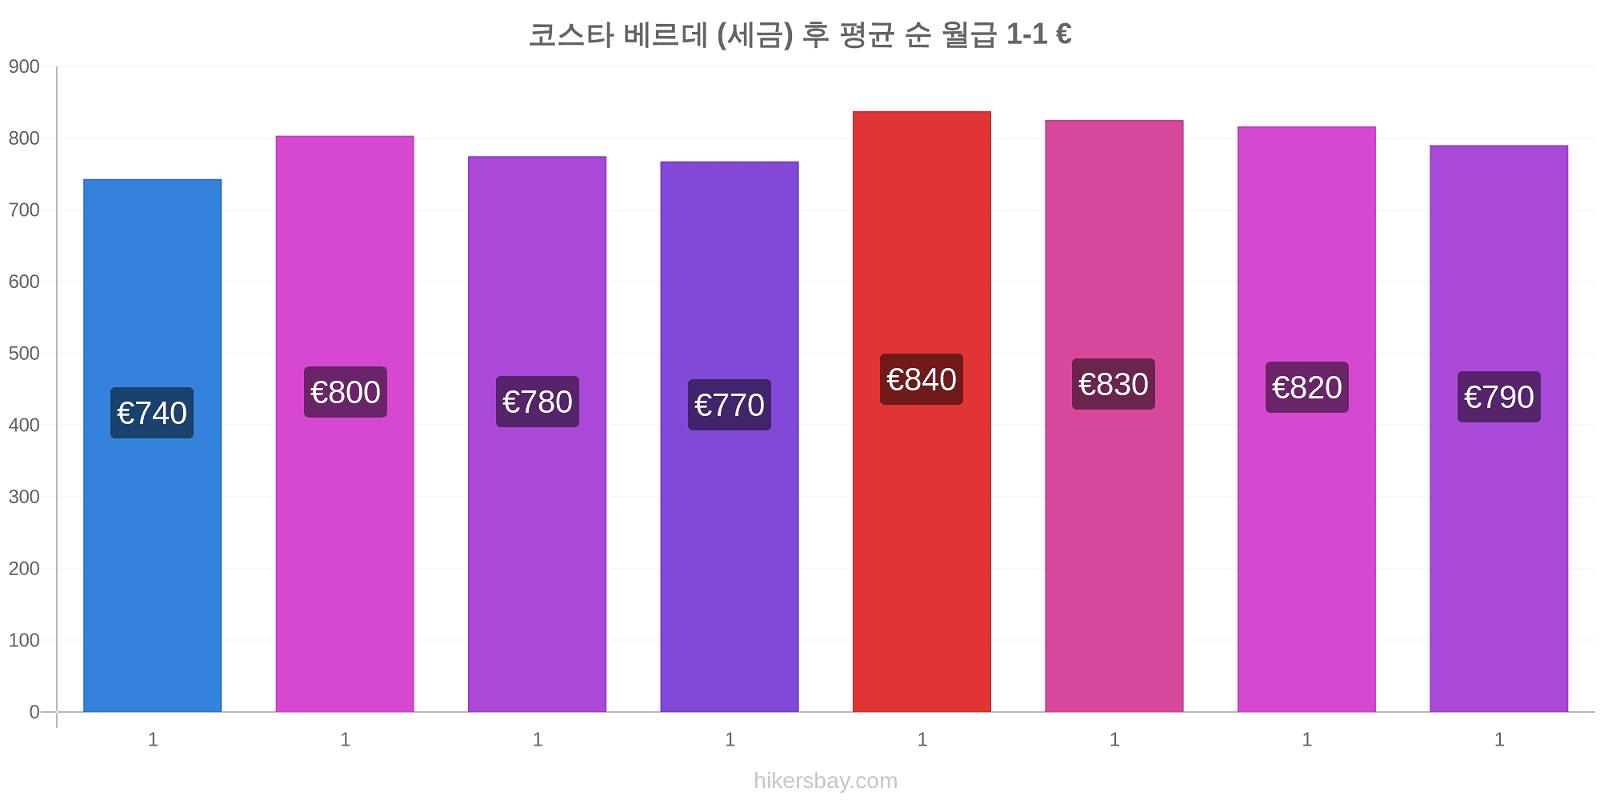 코스타 베르데 가격 변경 (세금) 후 평균 순 월급 hikersbay.com